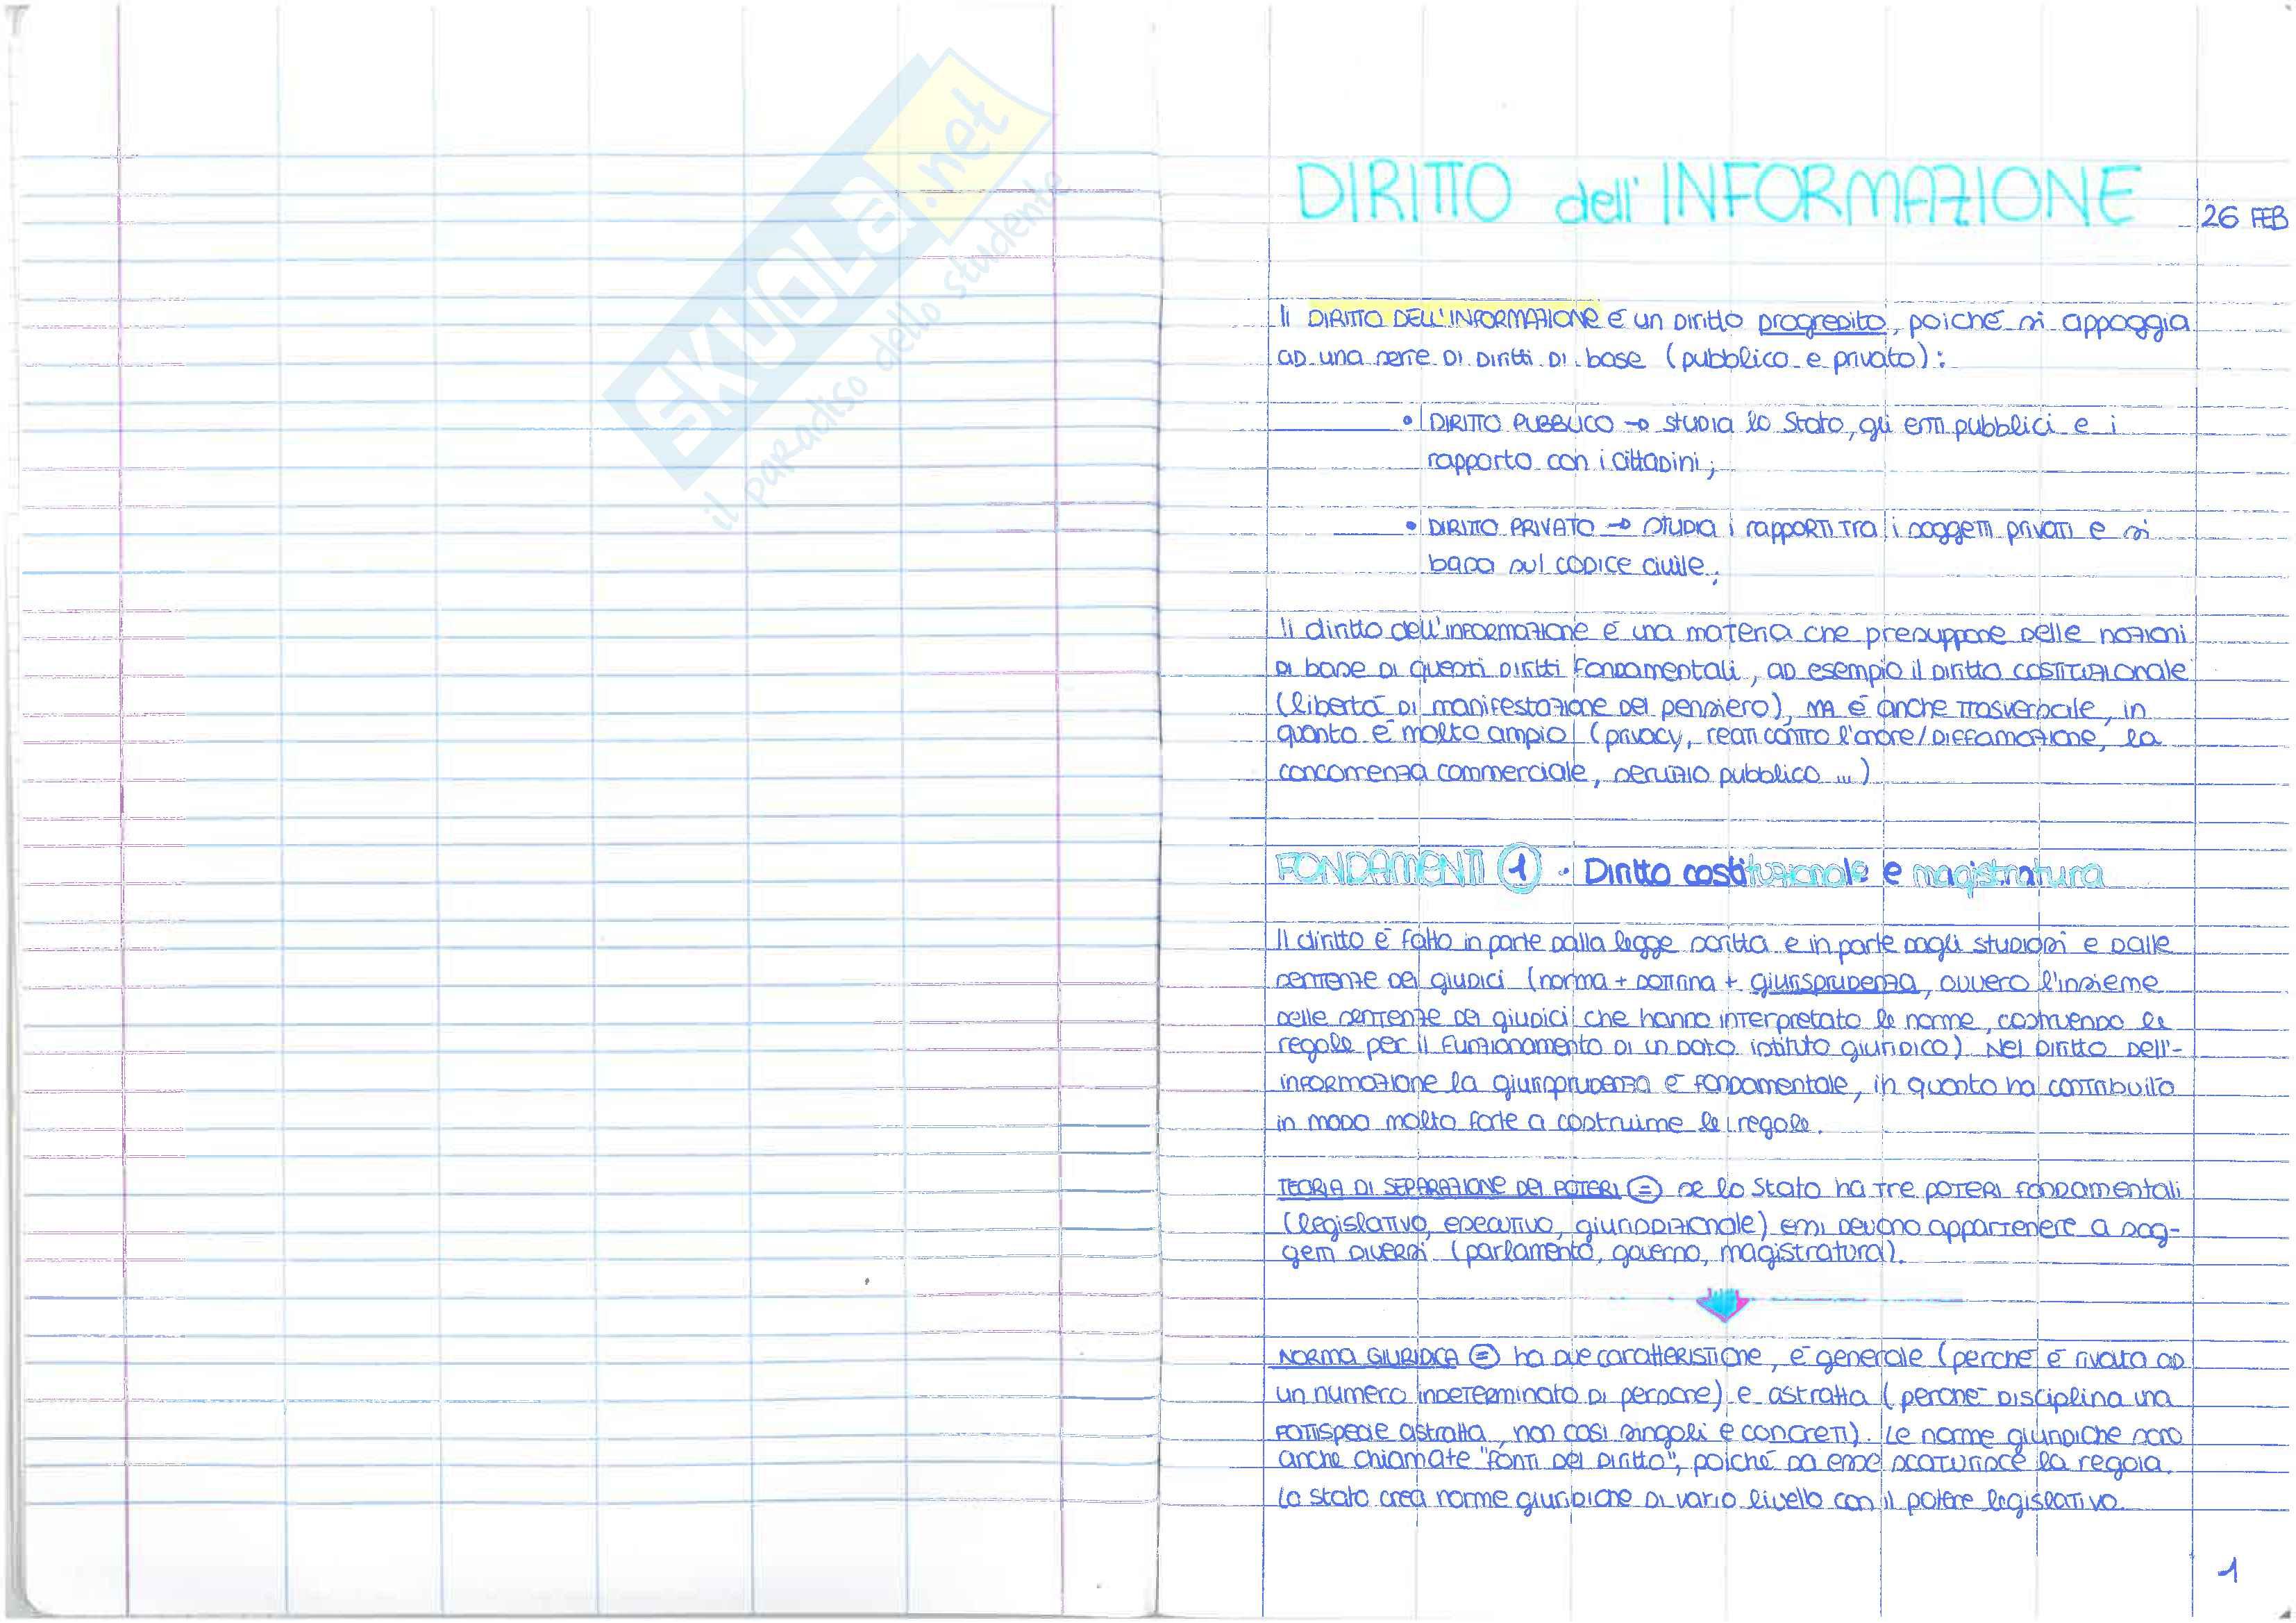 Diritto dell'informazione - Appunti